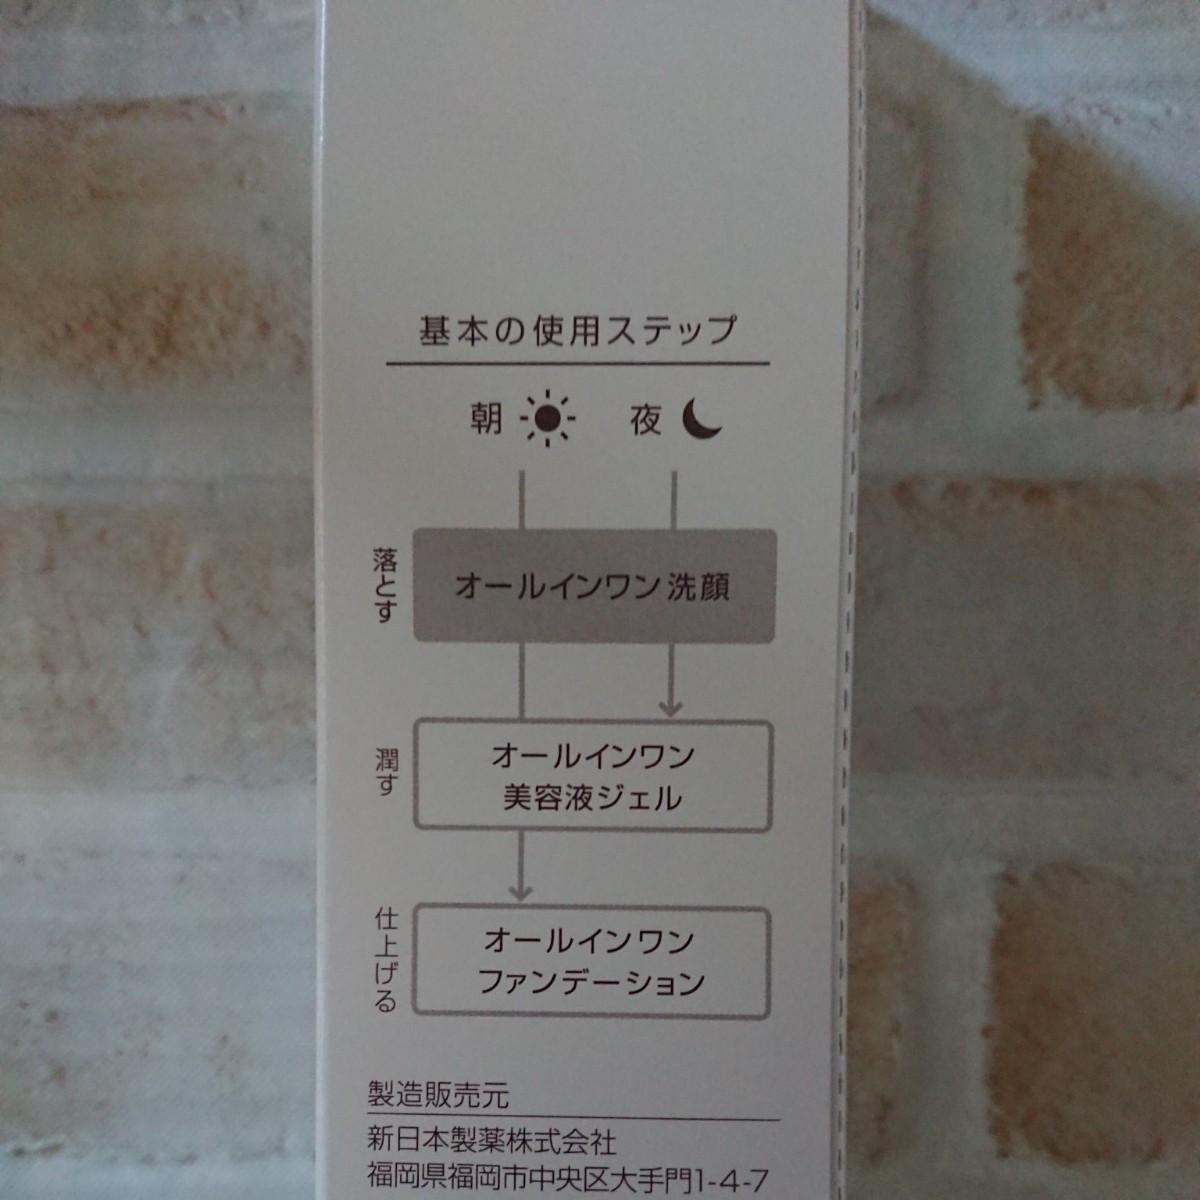 【未開封】パーフェクトワン クレンジングリキッド